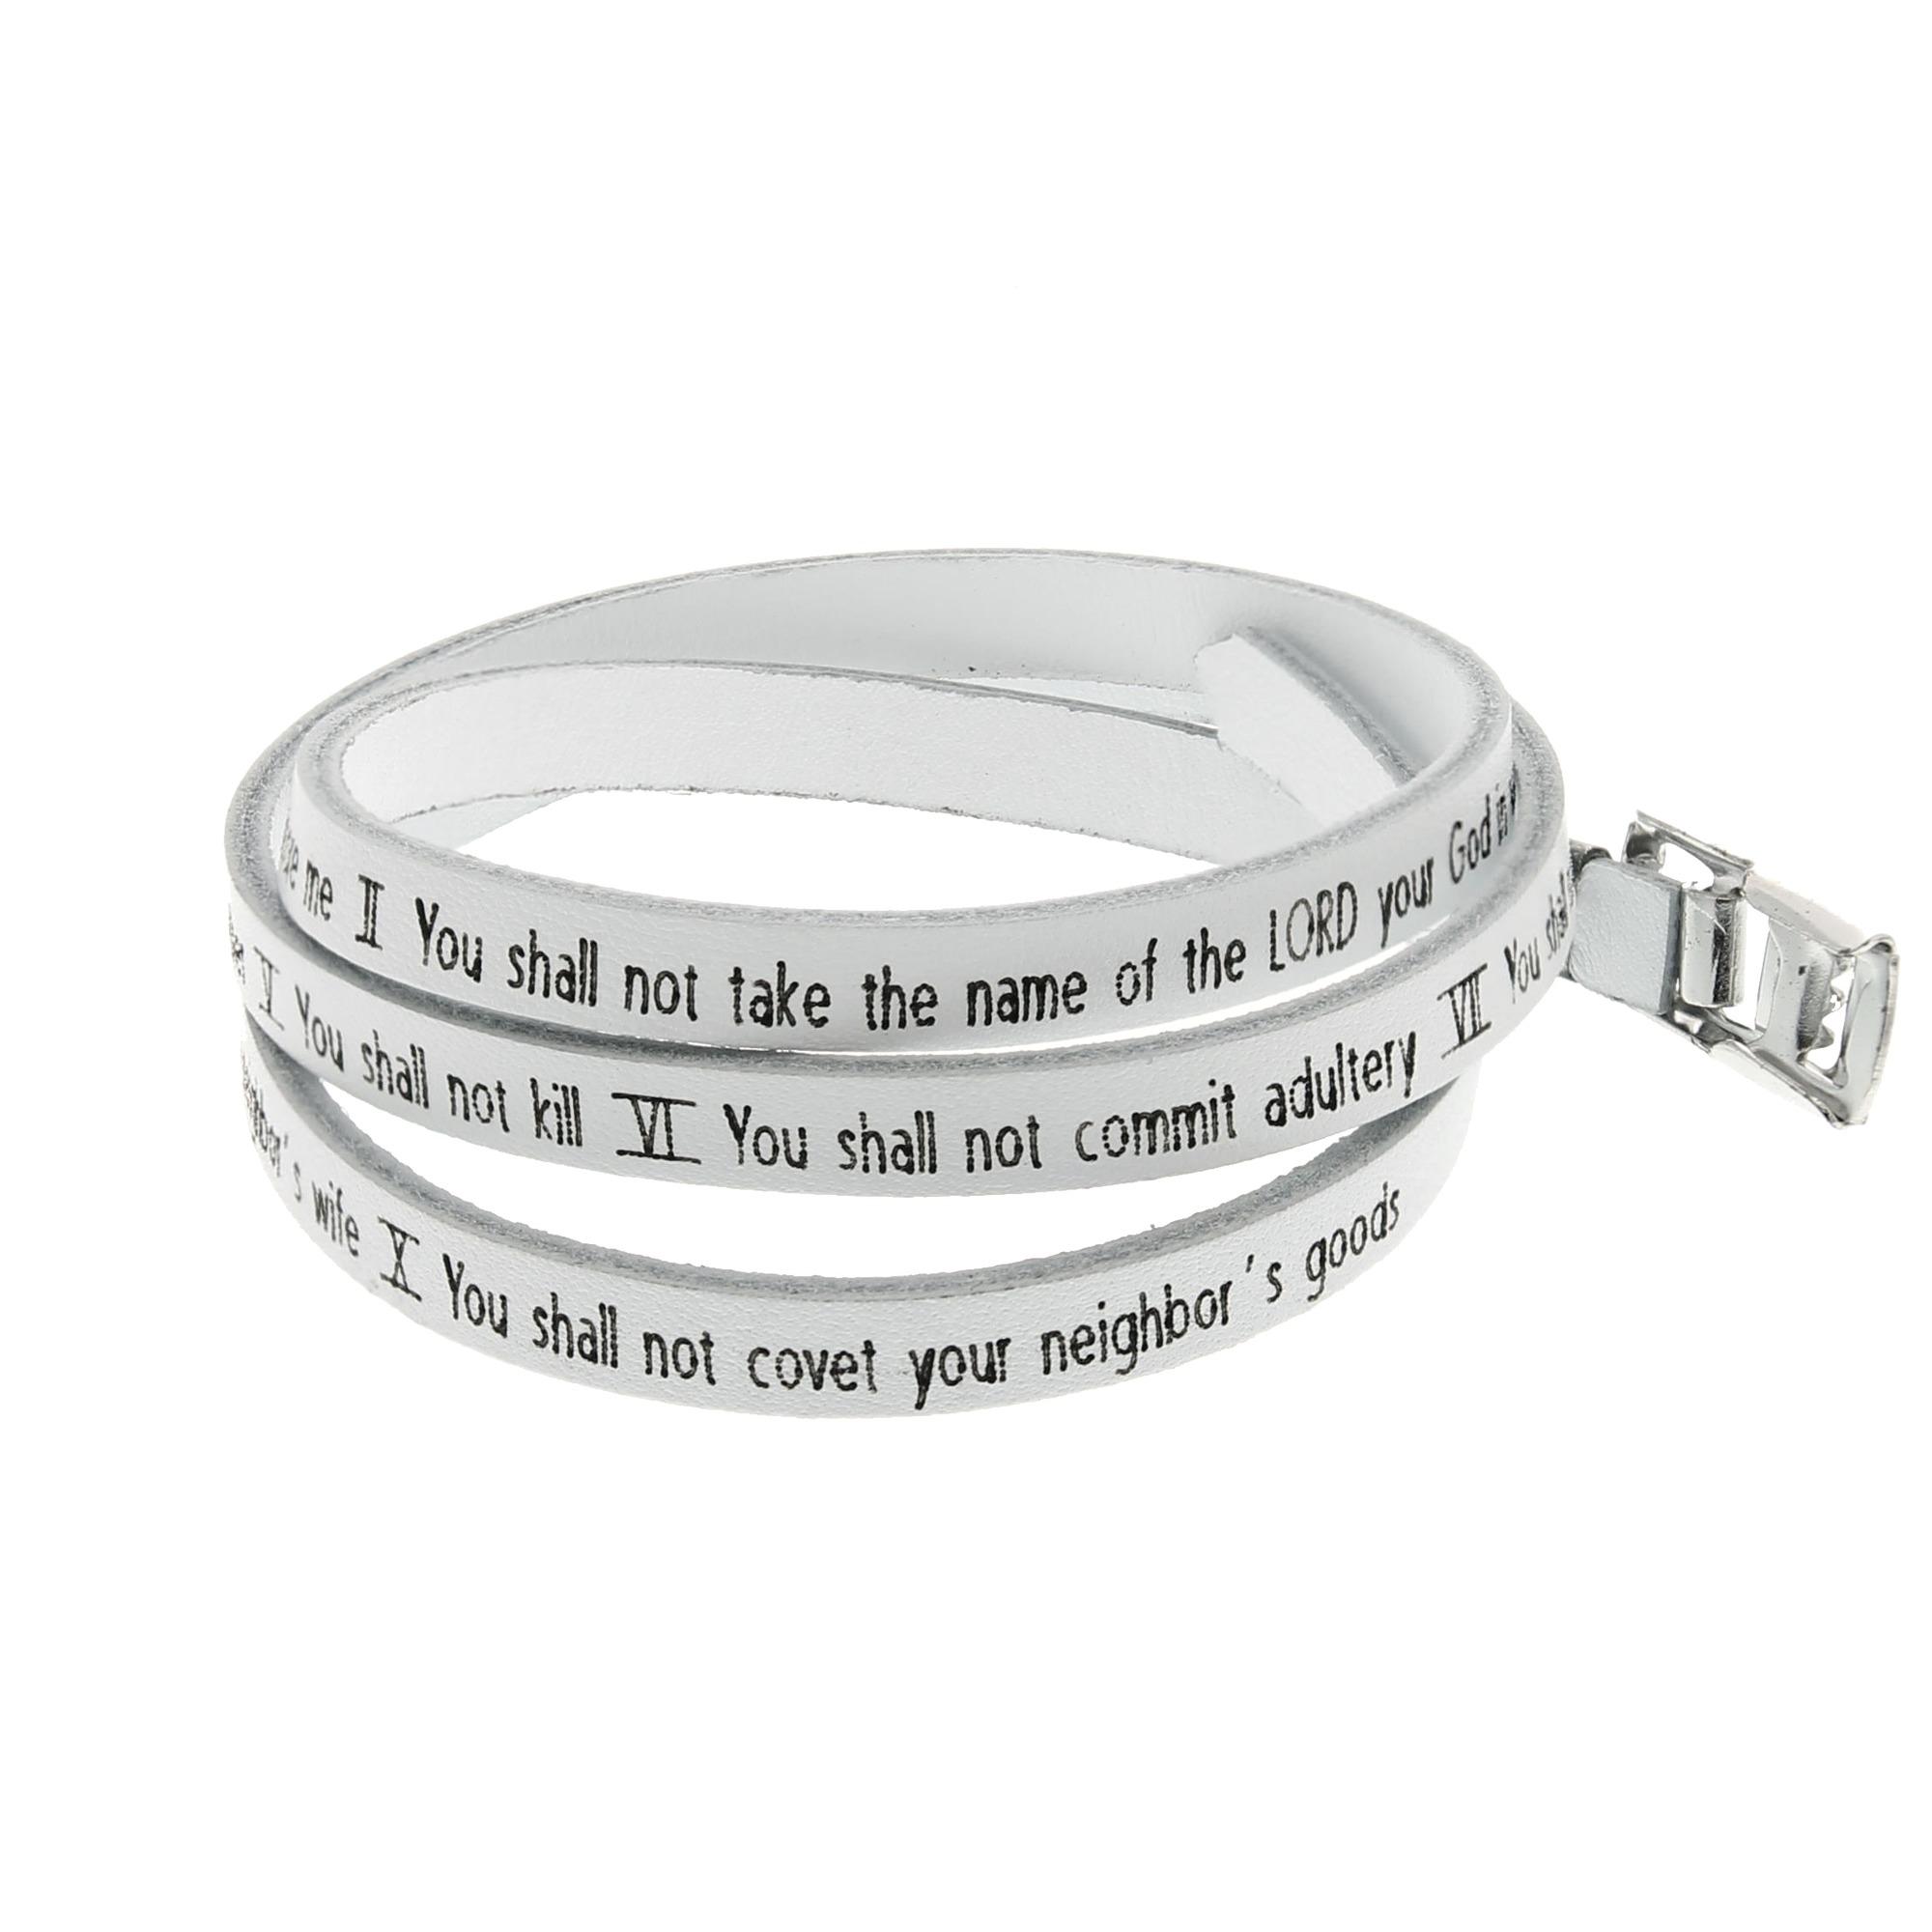 White Tenmandments Leather Wrap Bracelet